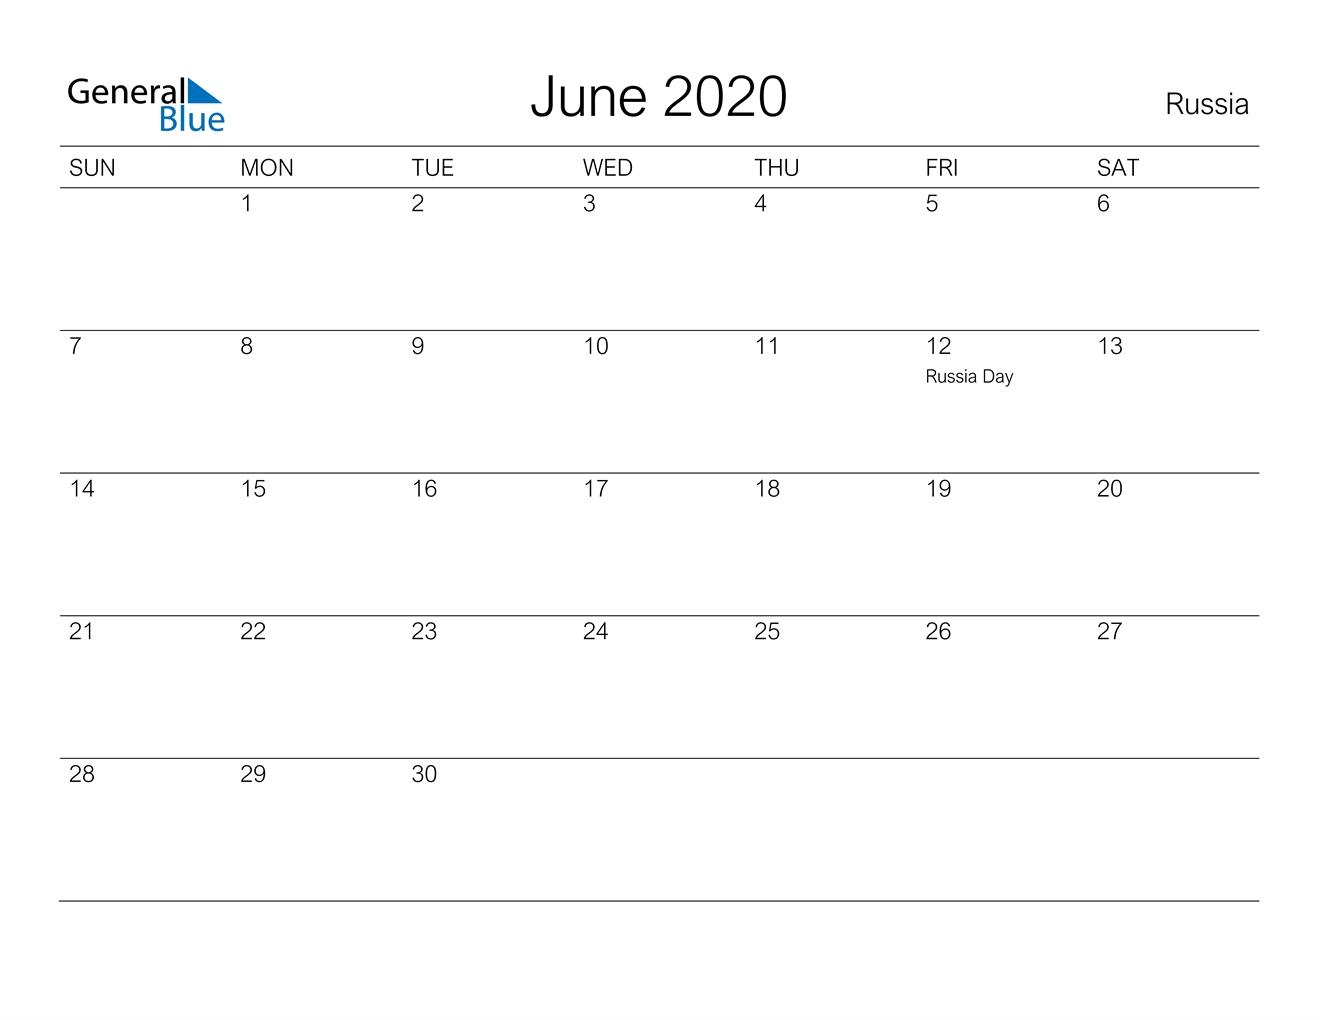 June 2020 Calendar - Russia